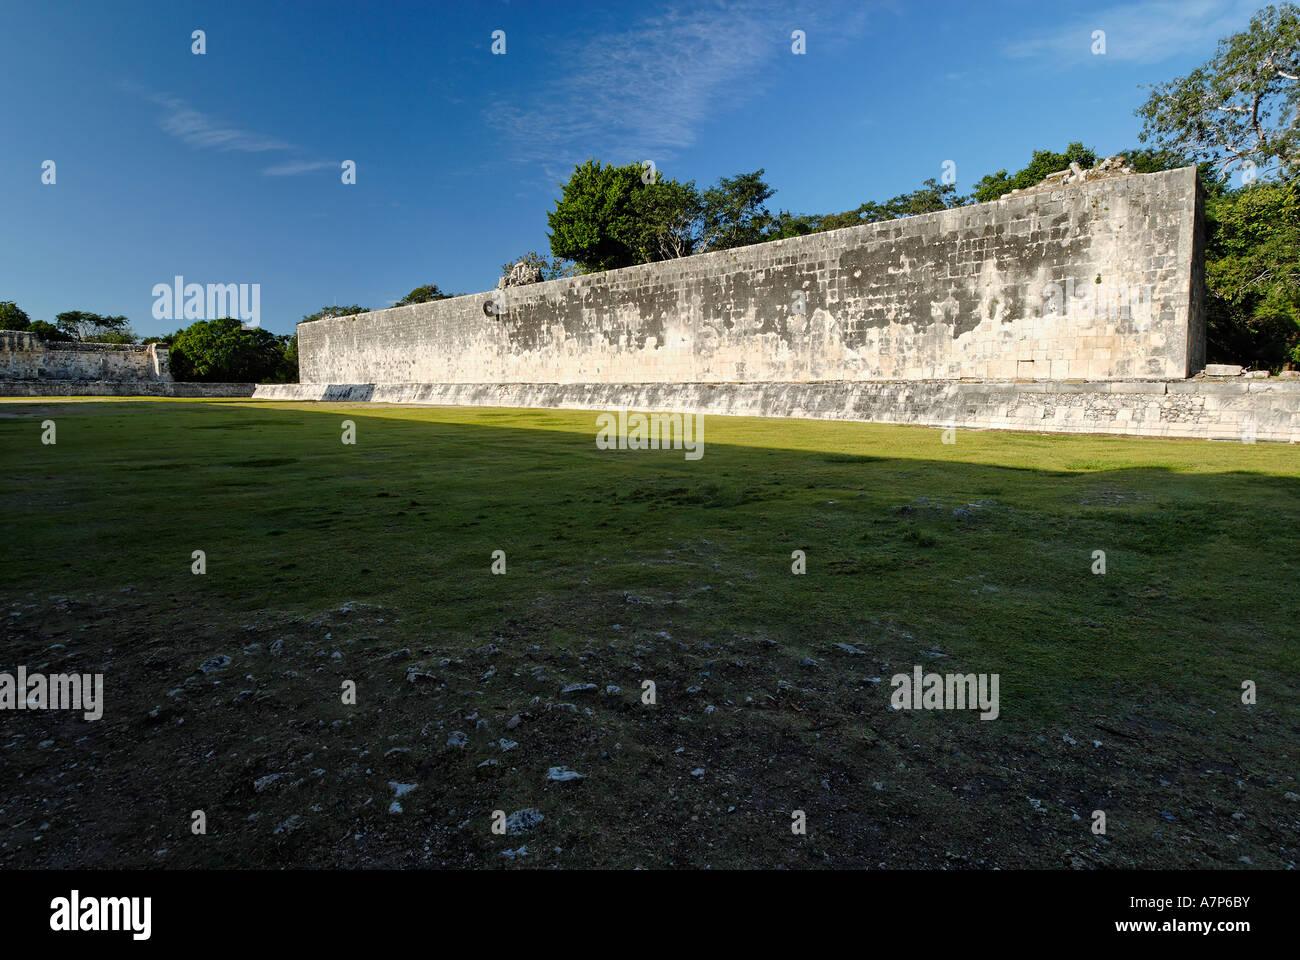 Juego de Pelota palla Maya e Toltek sito archeologico di Chichen Itza Yucatan Messico Immagini Stock